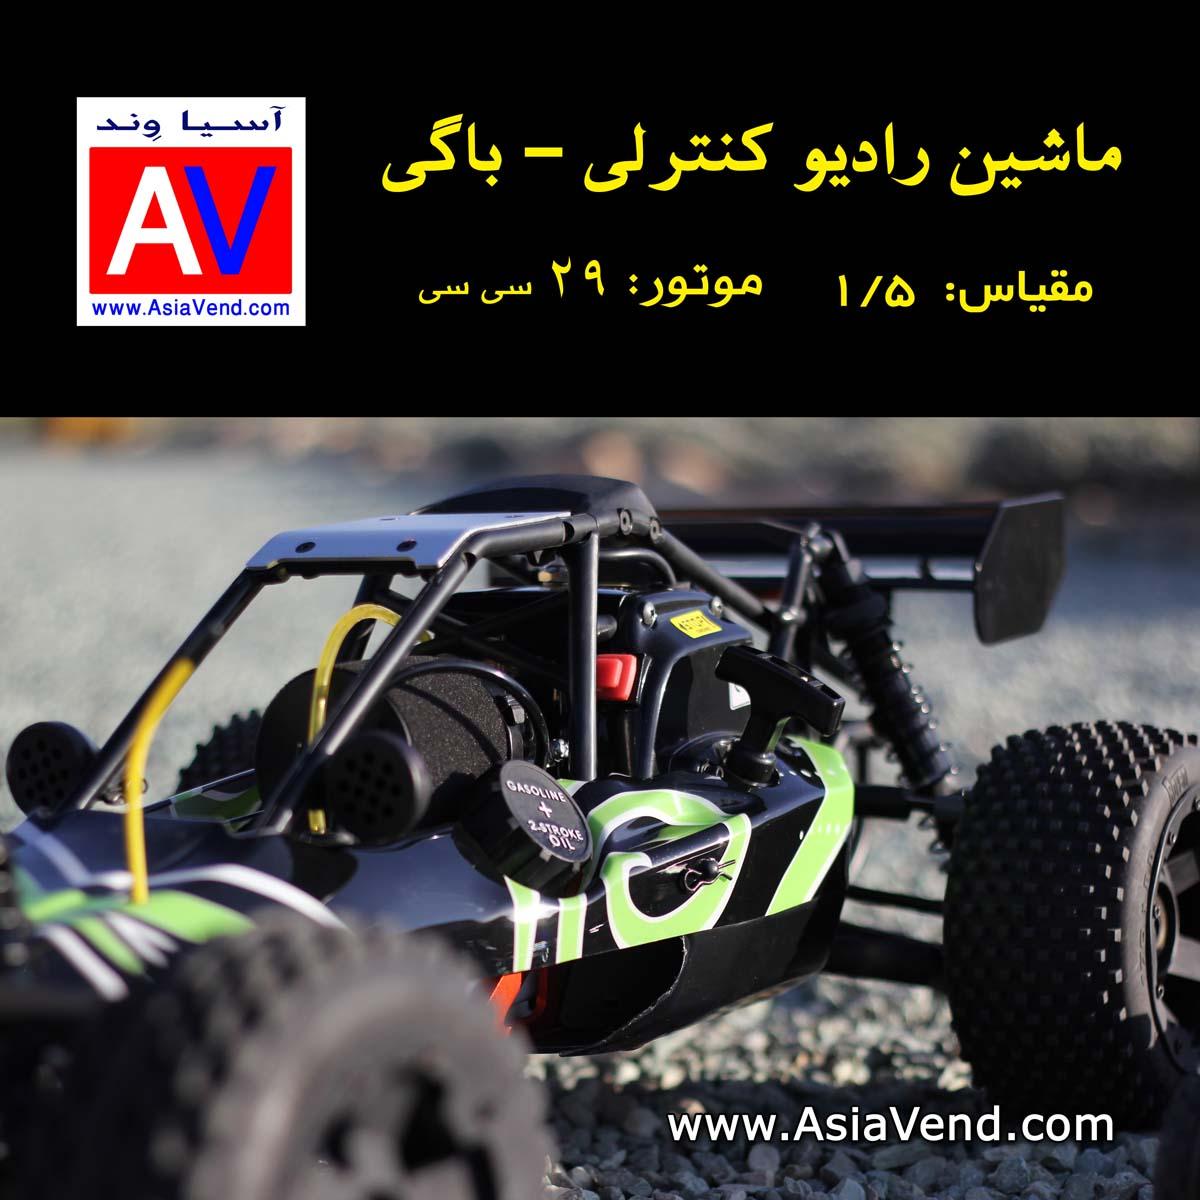 ماشین باگی ماشین رادیو کنترلی بنزینی آفرود BAJA RC CAR